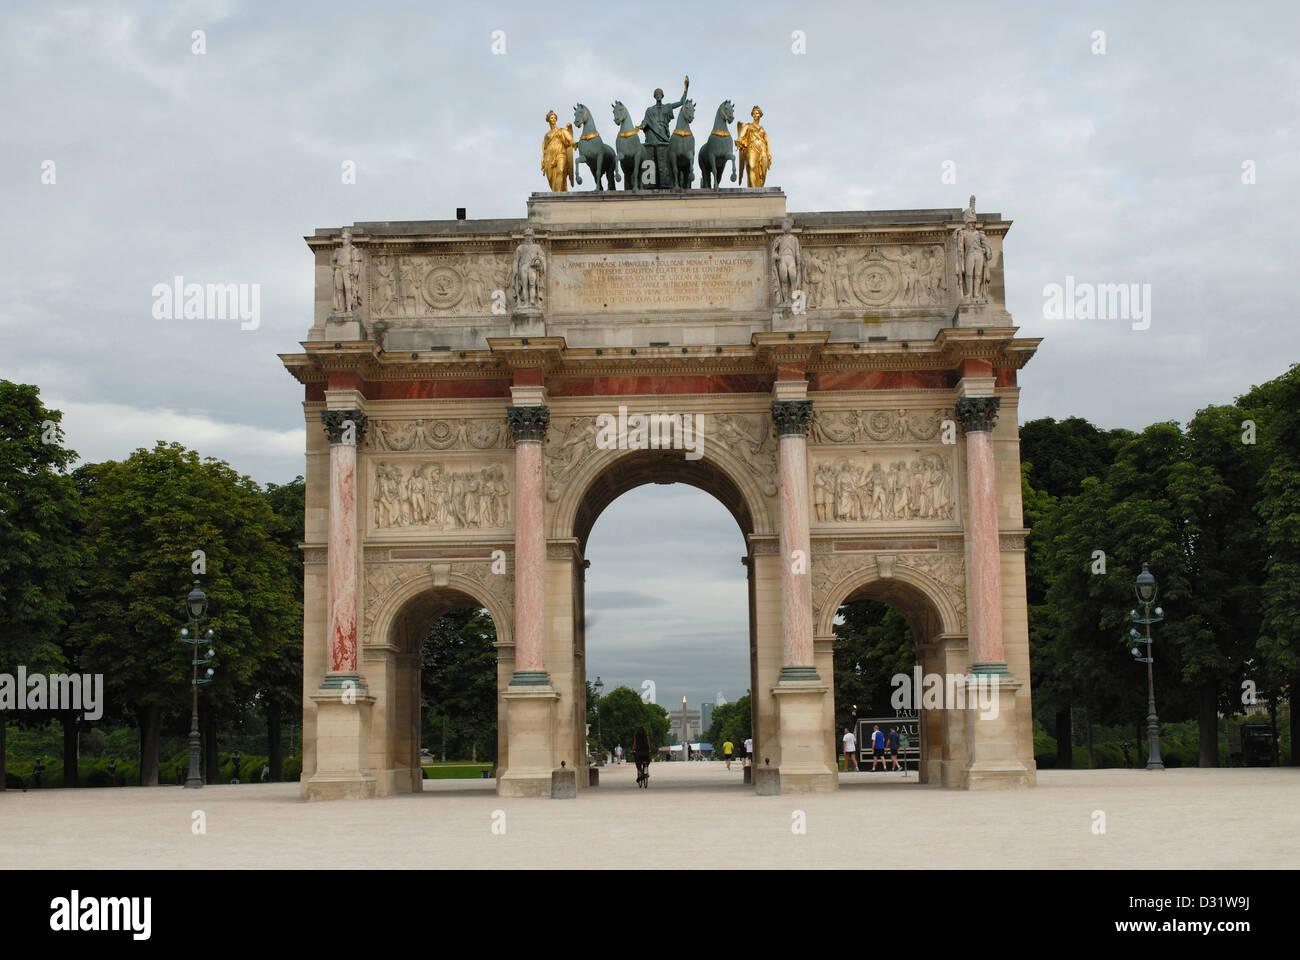 Arc de Triomphe du Carrousel, Paris, France - Stock Image